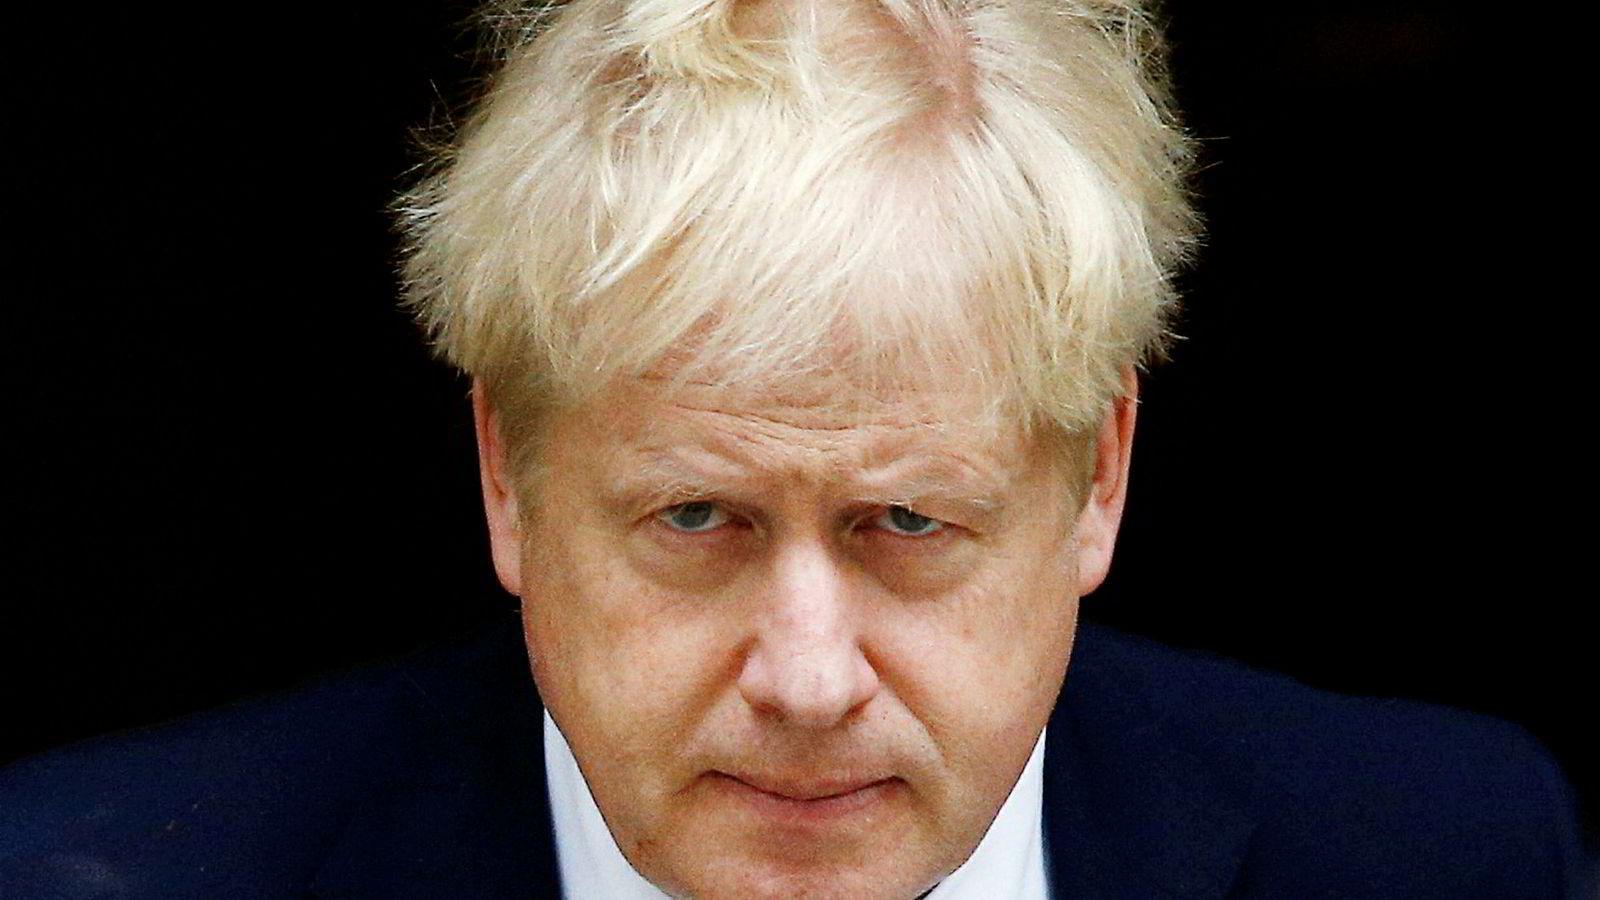 Gå eller bli? Boris Johnson sier tilsynelatende begge deler før brexit-fristen.